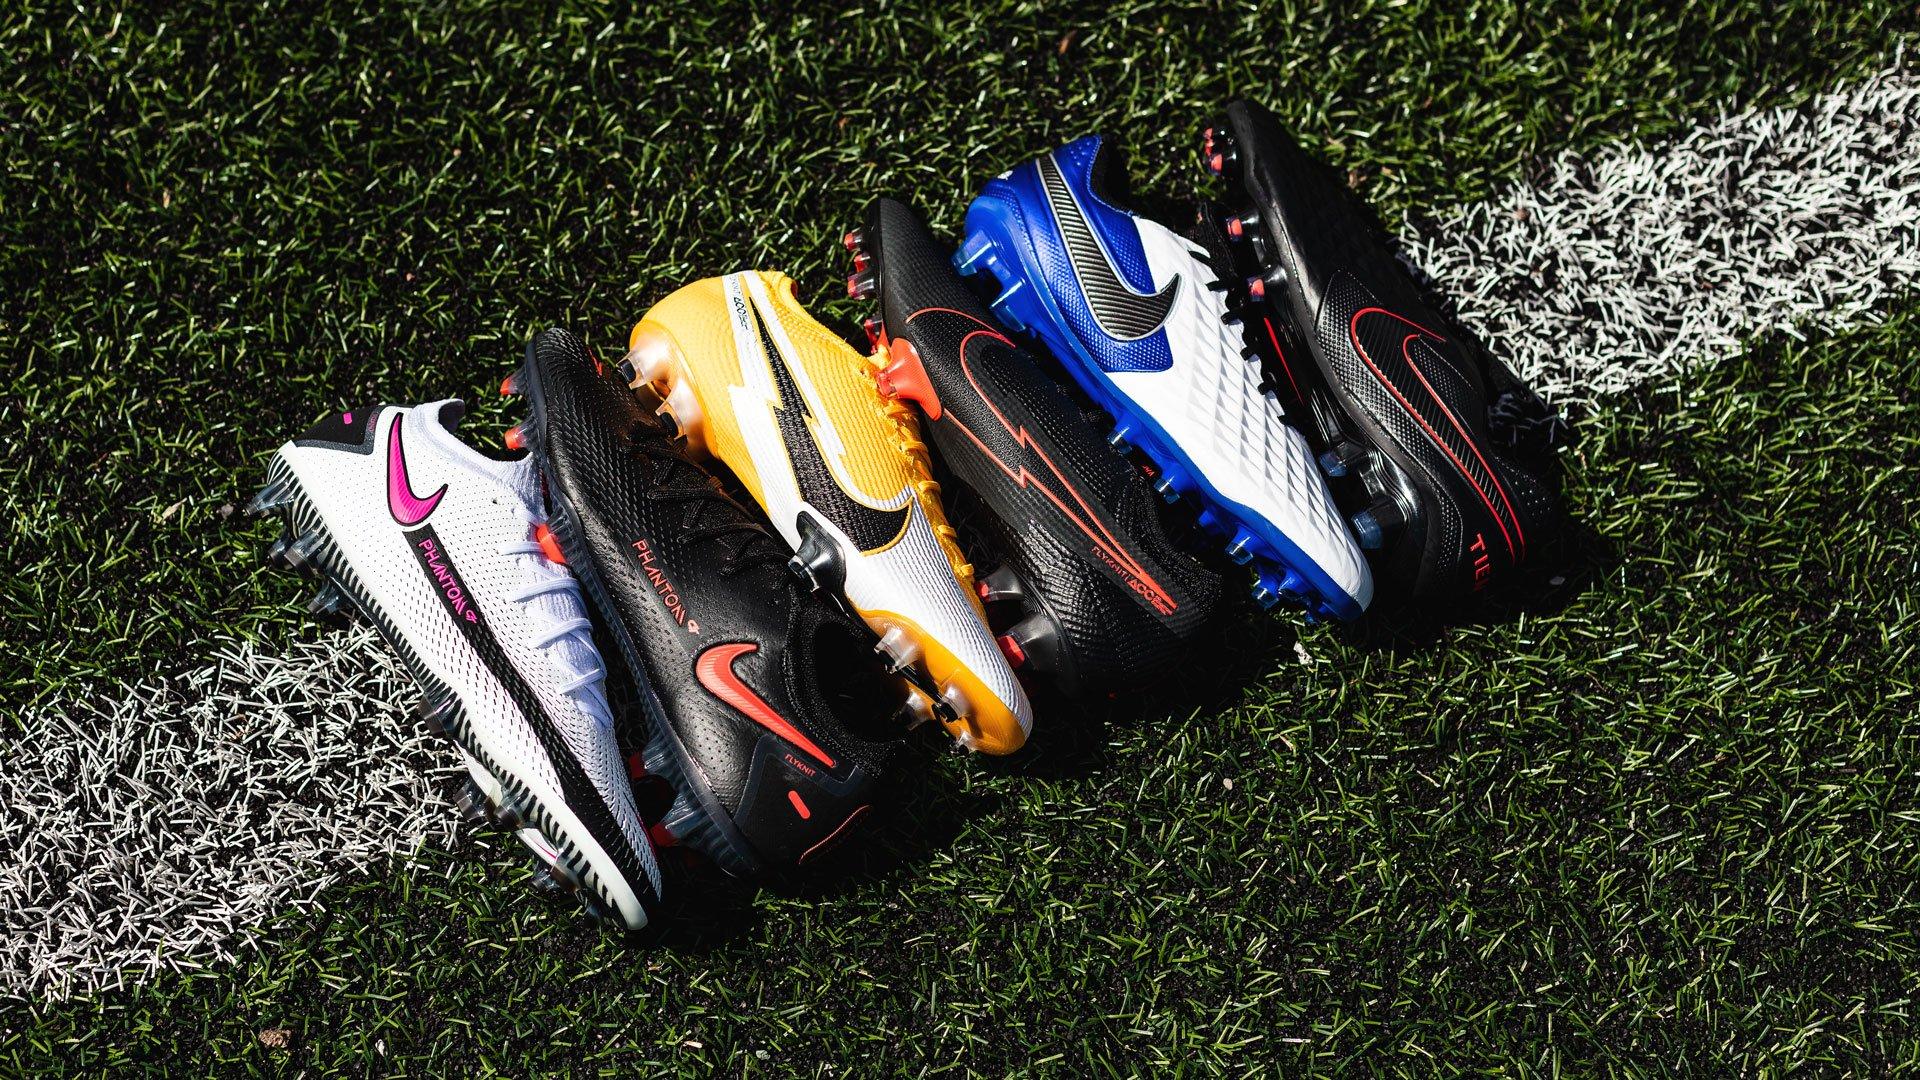 Bộ sưu tập giày bóng đá 'Daybreak Pack' được ra mắt với rất nhiều màu sắc đẹp mắt